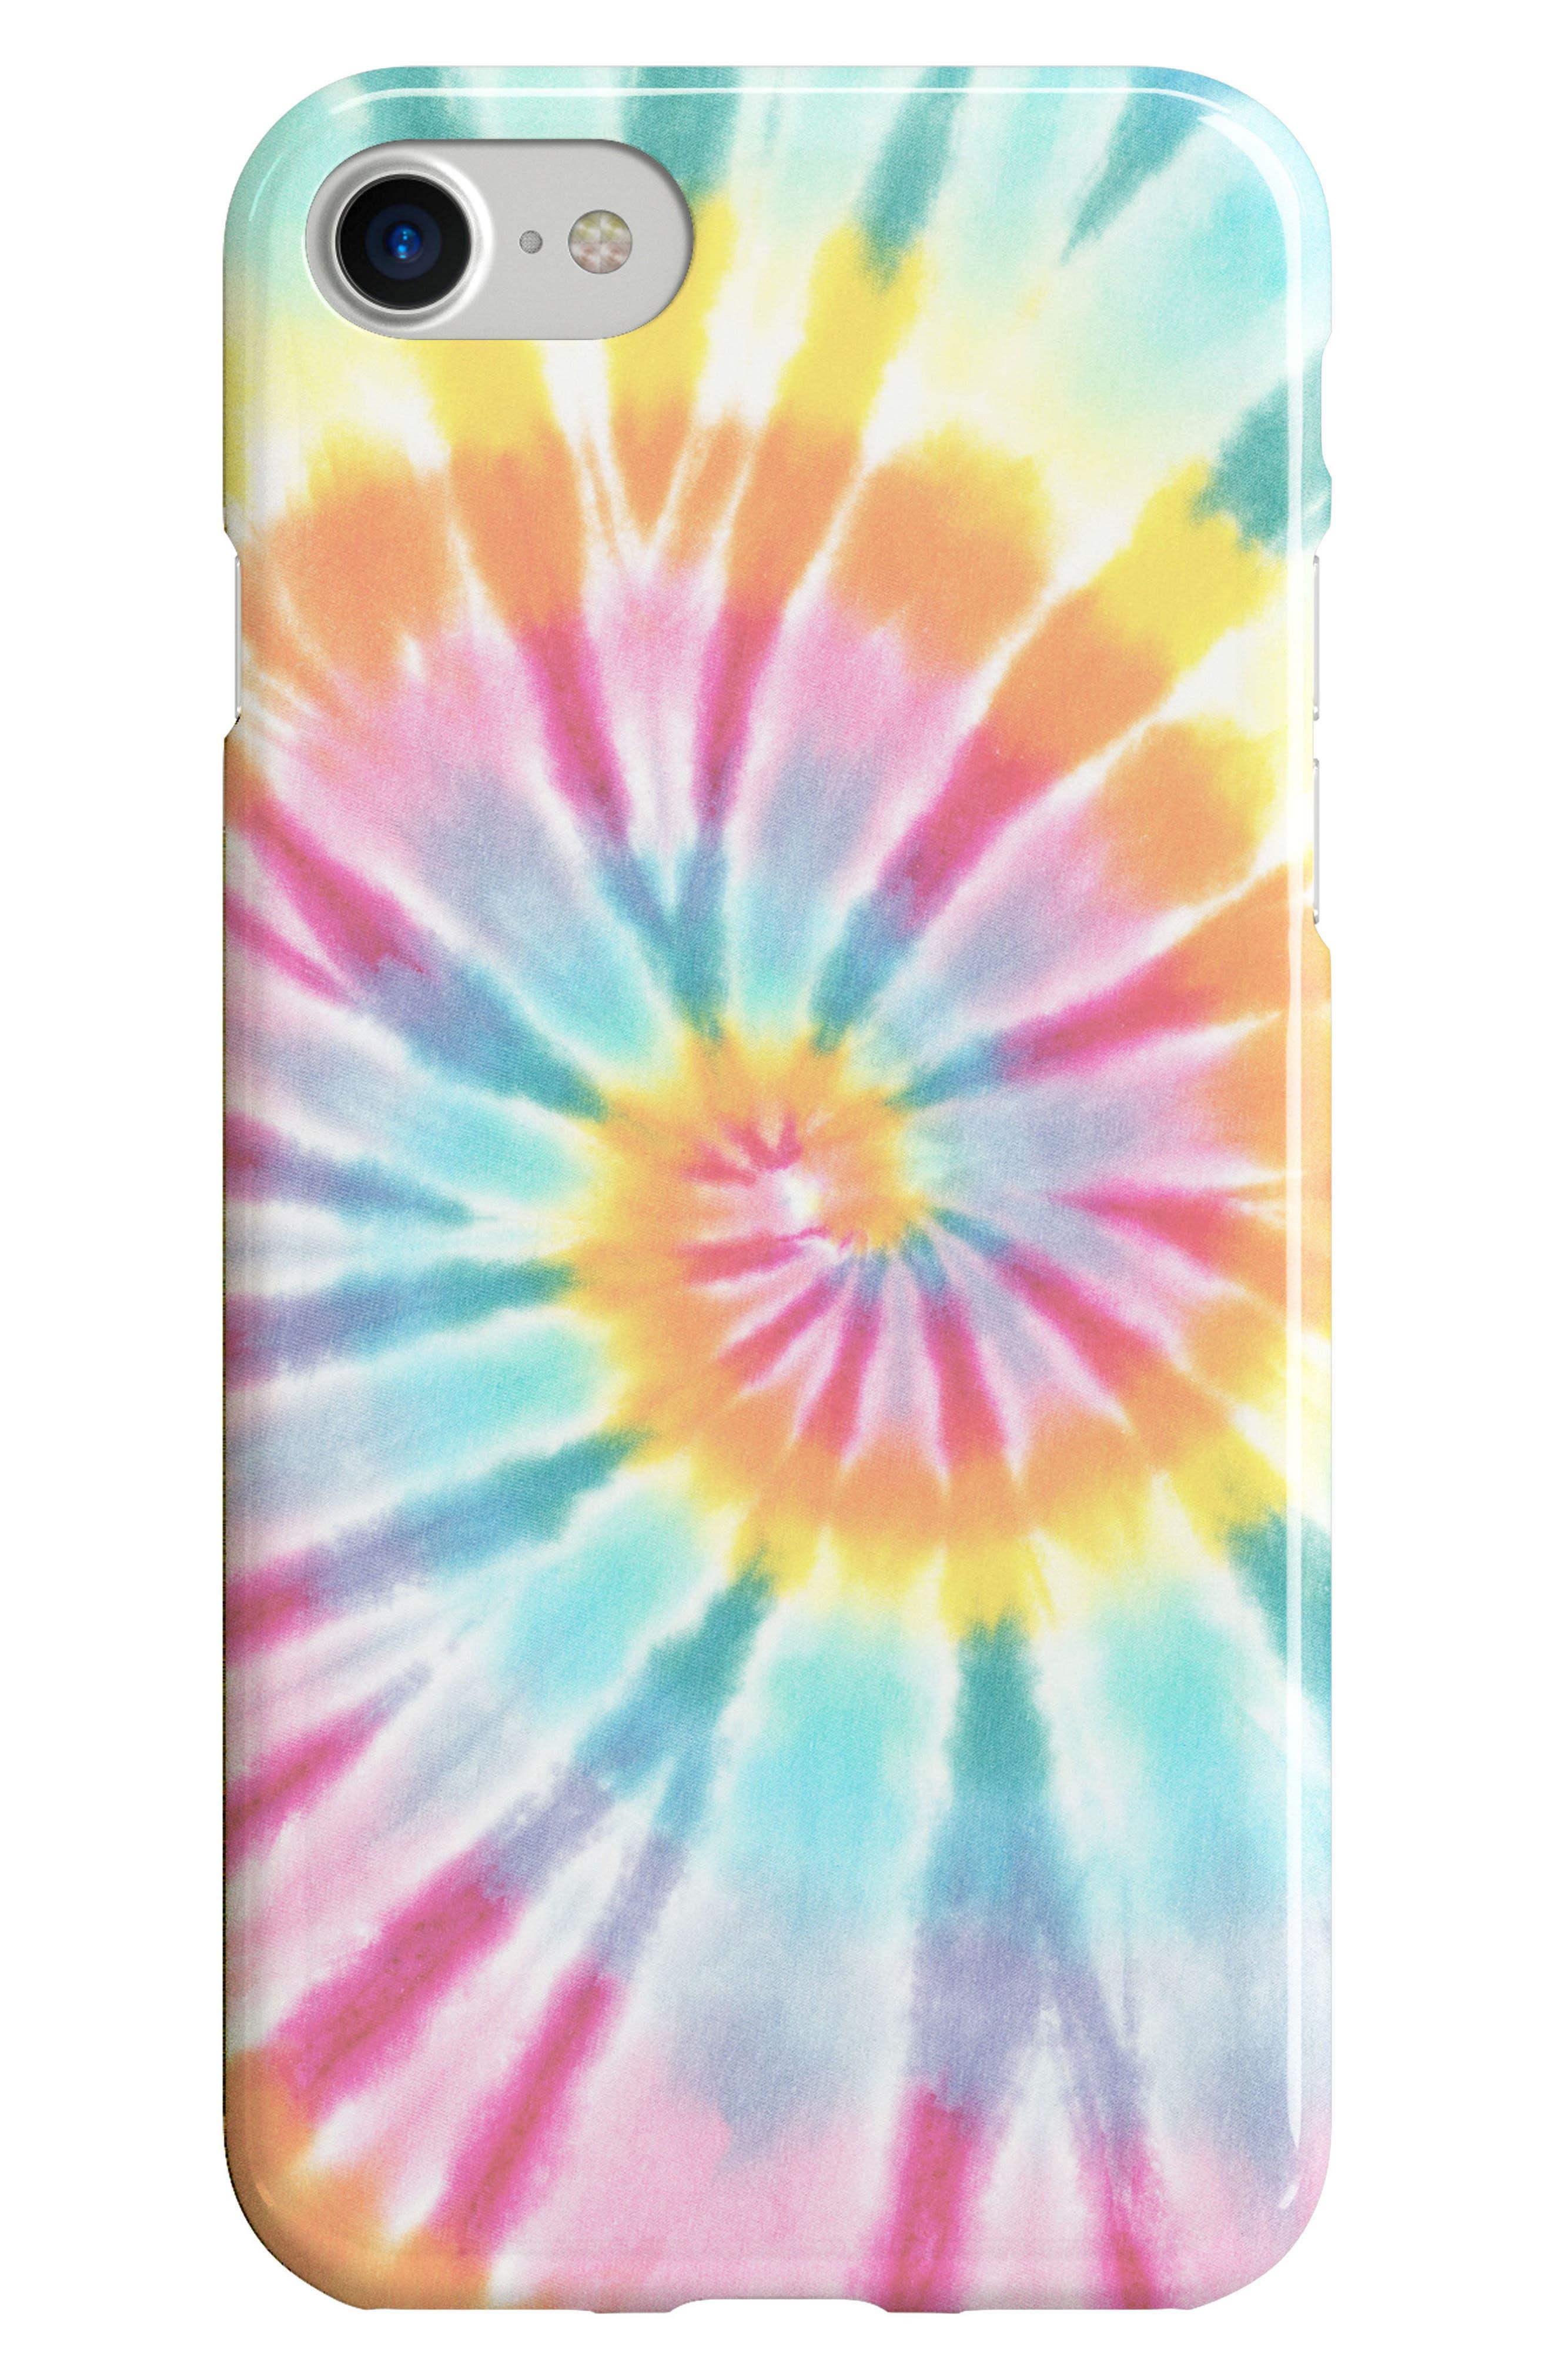 Tie Dye iPhone 6/6s/7/8 Case,                         Main,                         color, 650